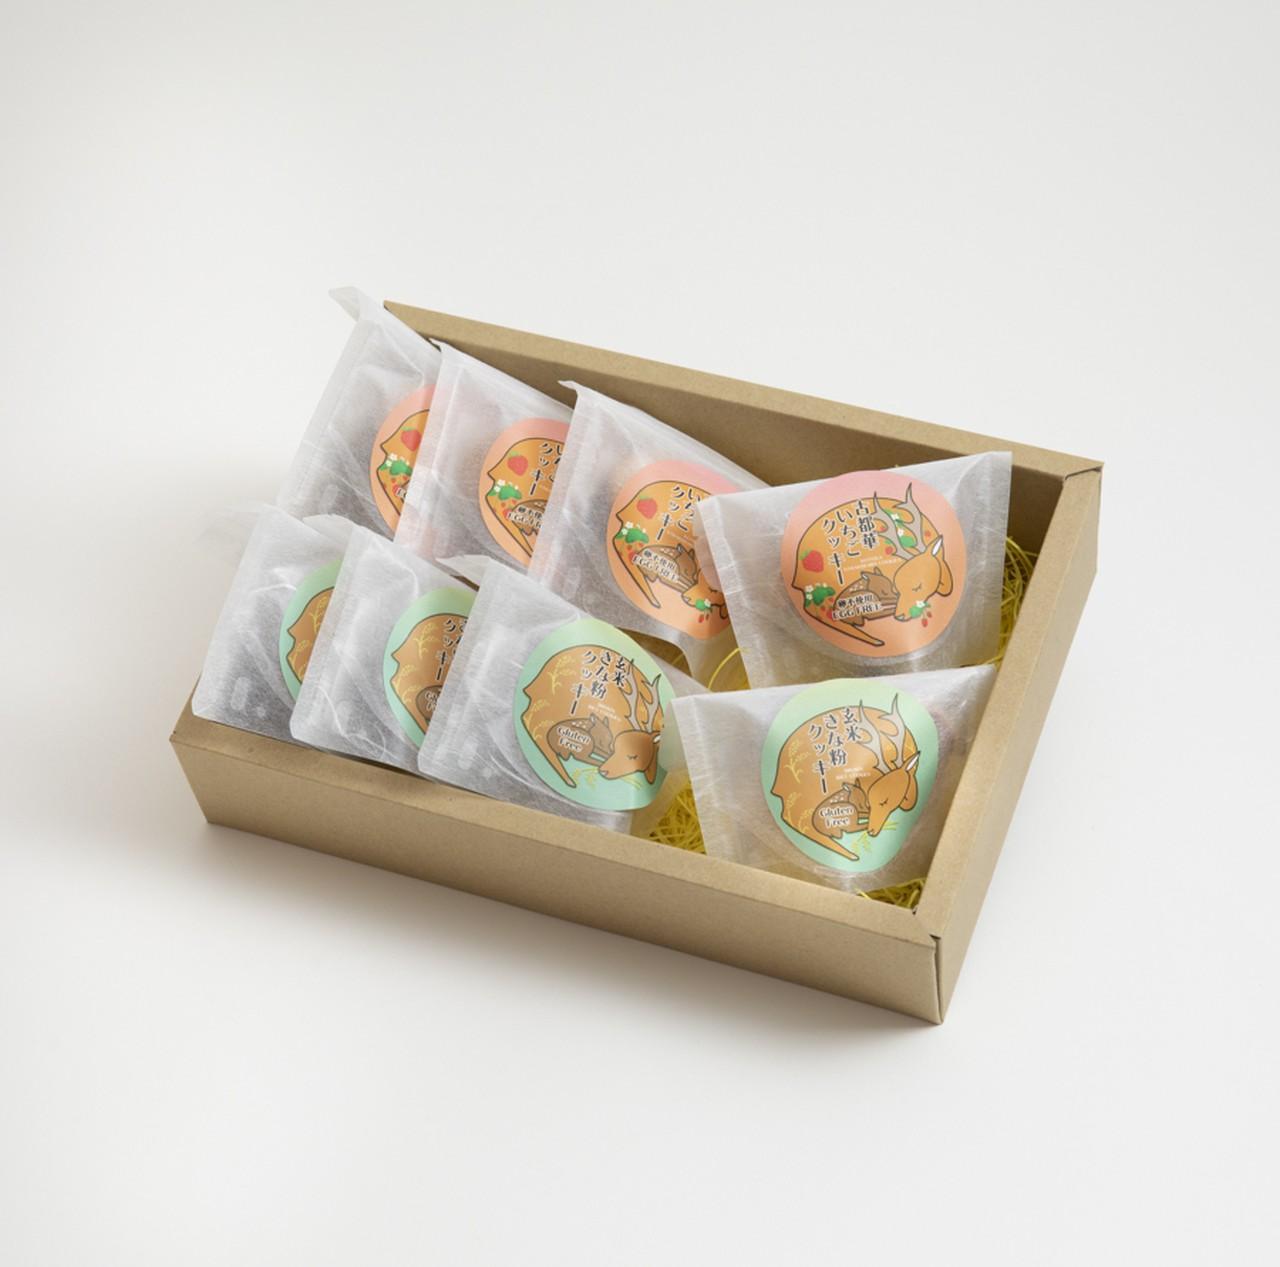 農家のおやつ2種セットギフト箱入り「古都華いちごクッキー4袋+玄米きな粉クッキー4袋」計8袋セット:熨斗付き可